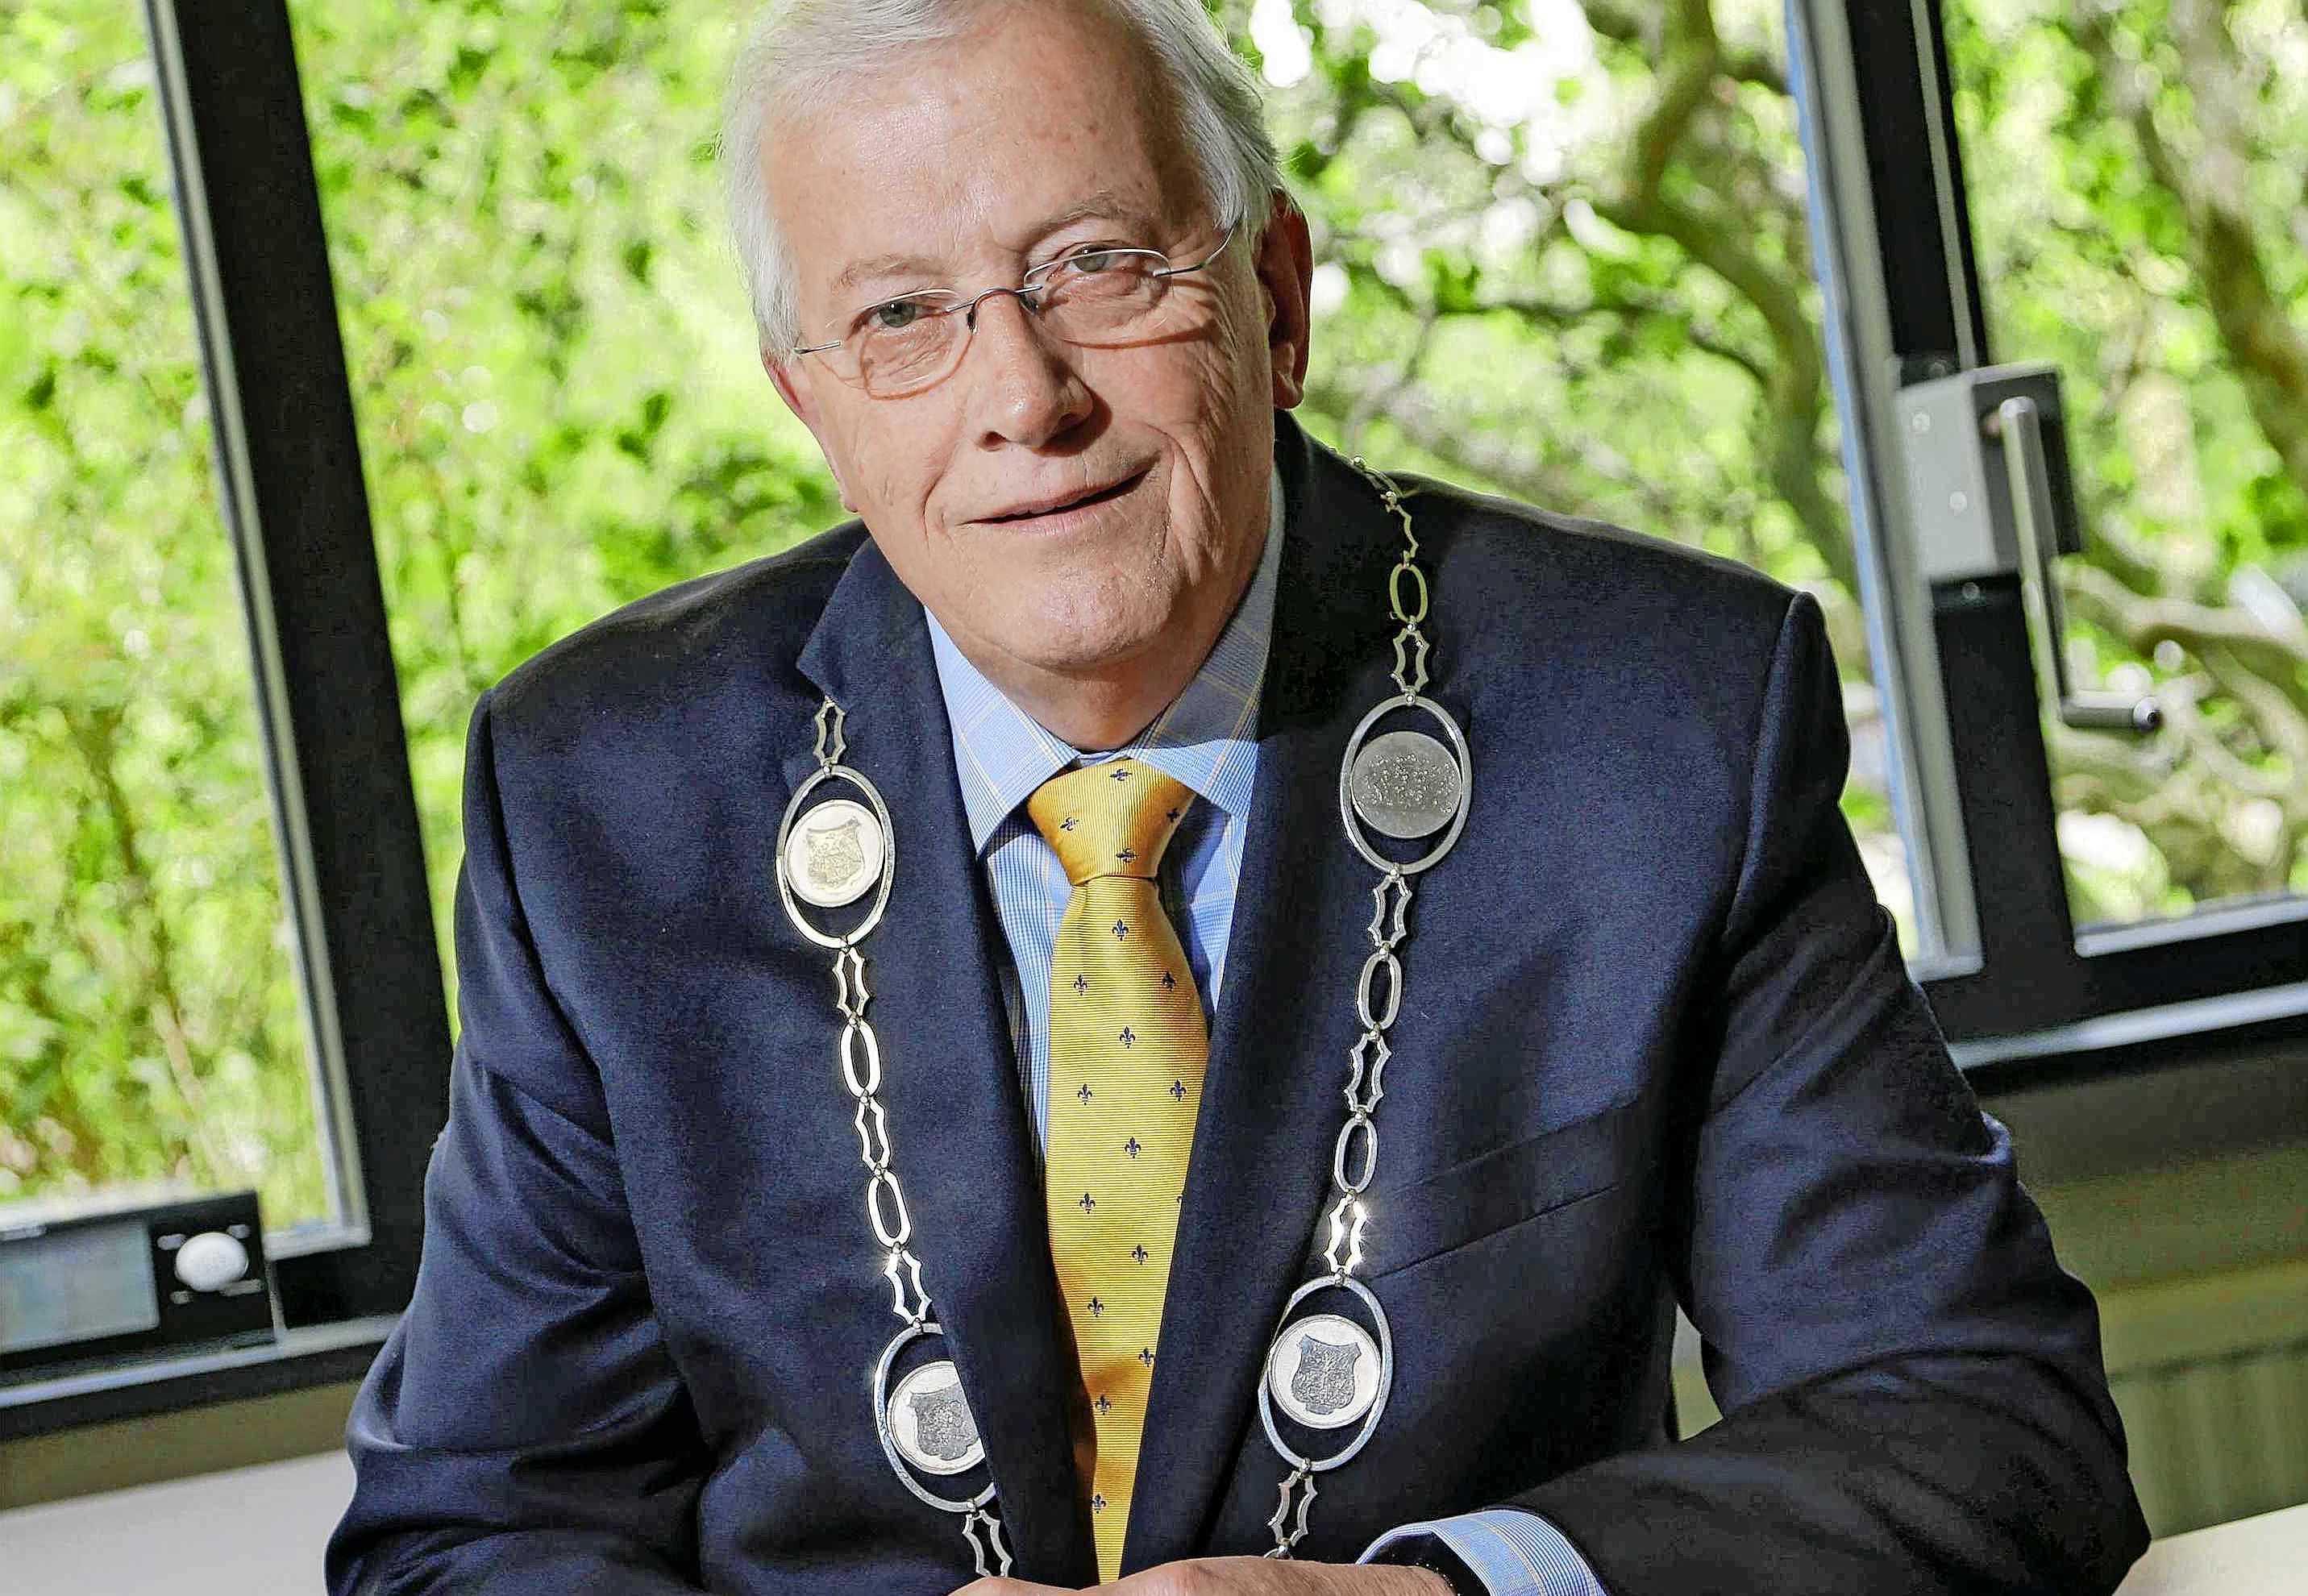 Burgemeester GertJan Nijpels van Opmeer in het harnas gestorven